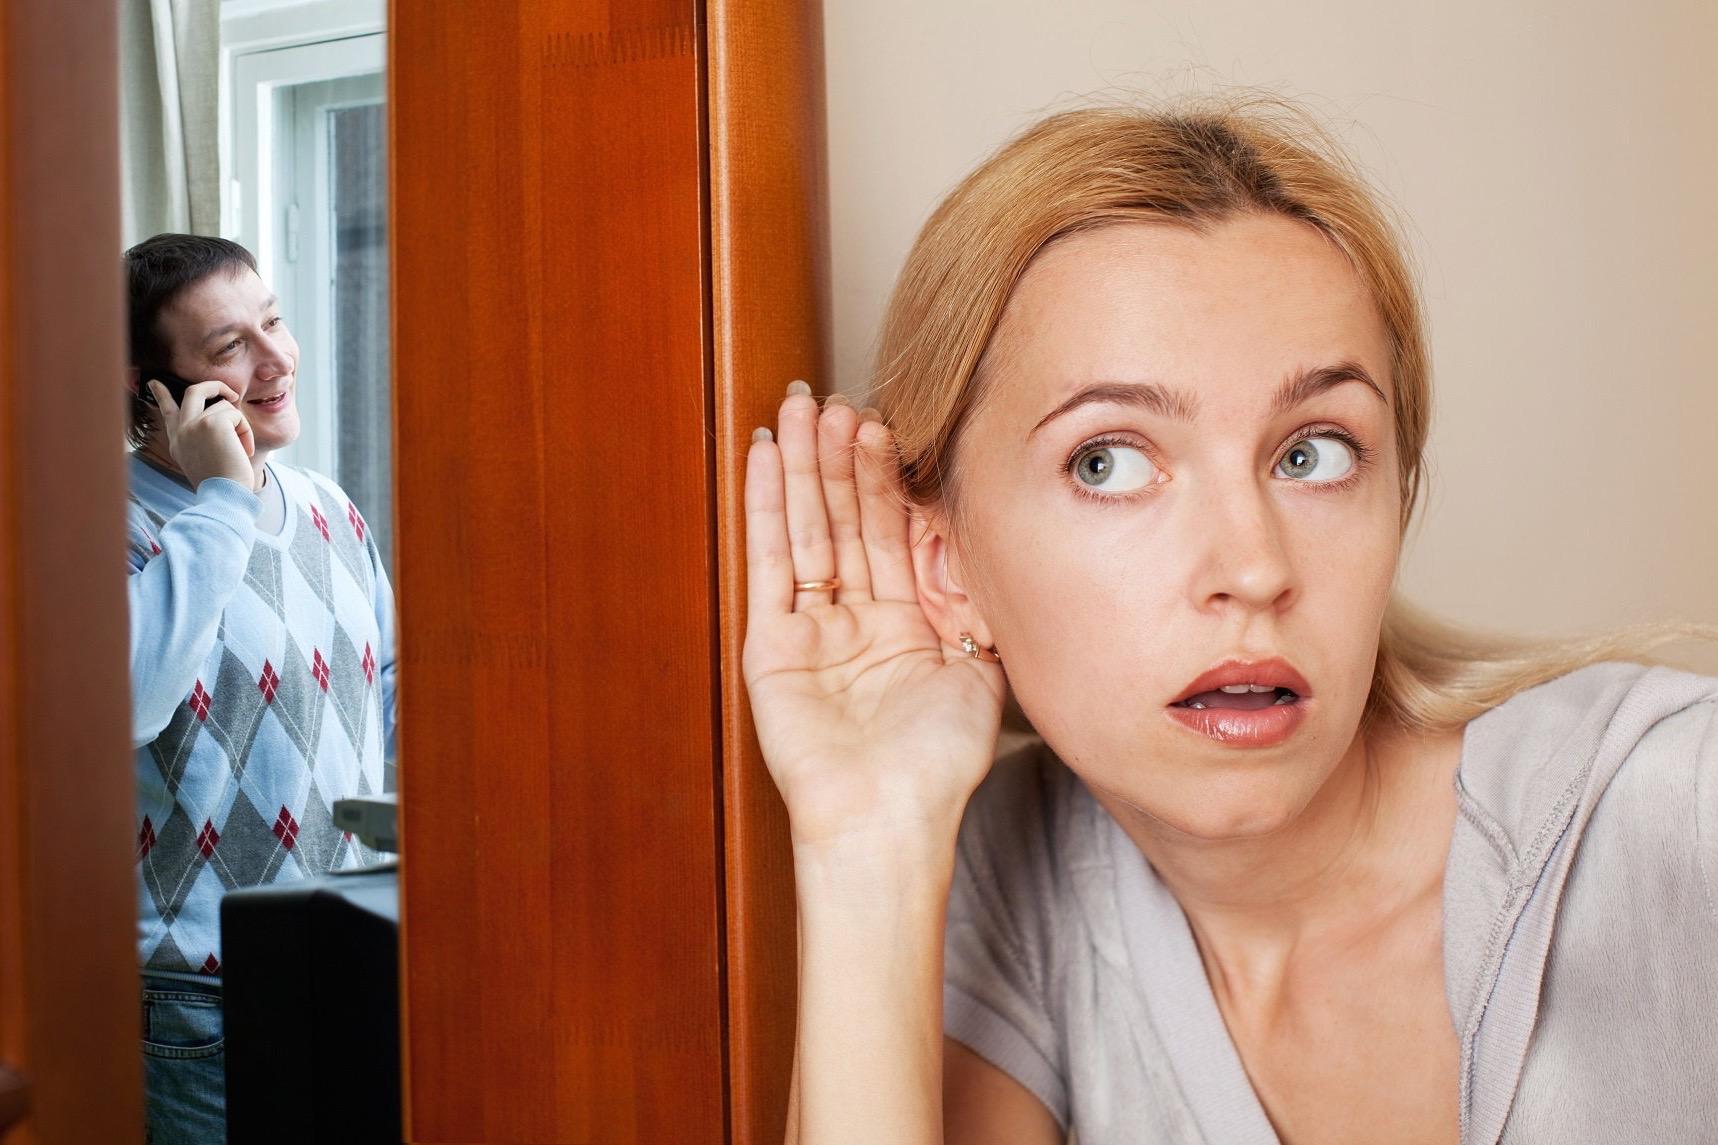 Жена изменяет мужу видео при муже 0 фотография